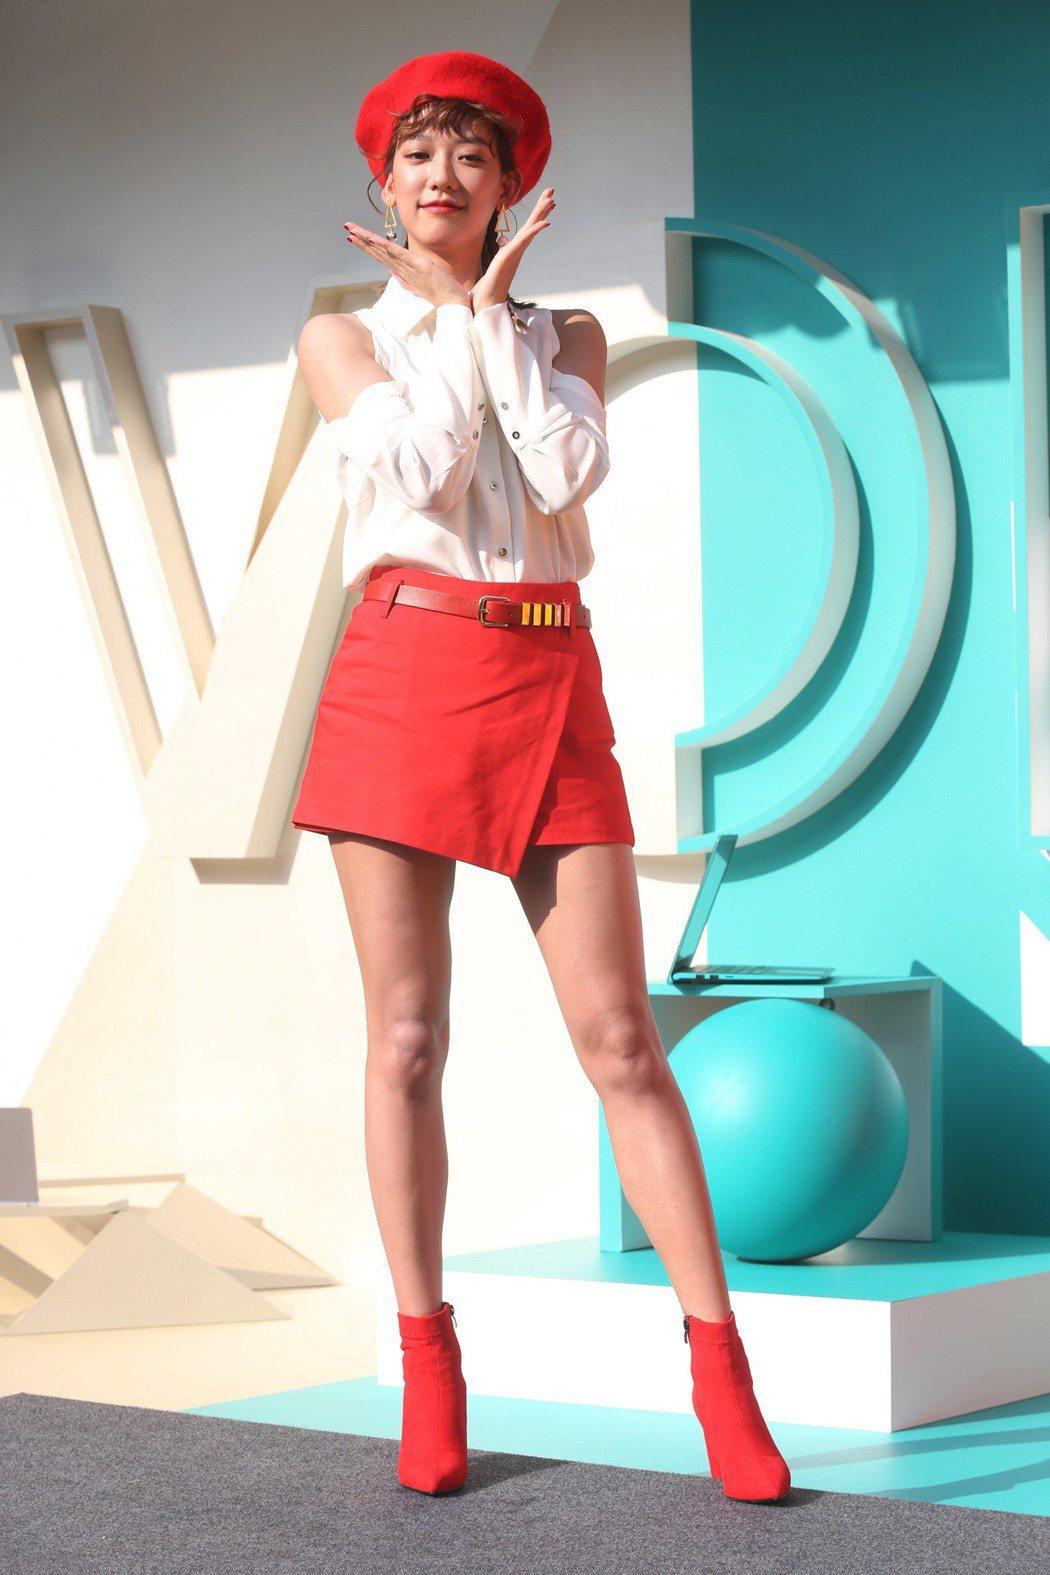 孟耿如擔任ASUS VivoBook品牌大使大跳雙V舞與粉絲互動。記者林俊良/攝